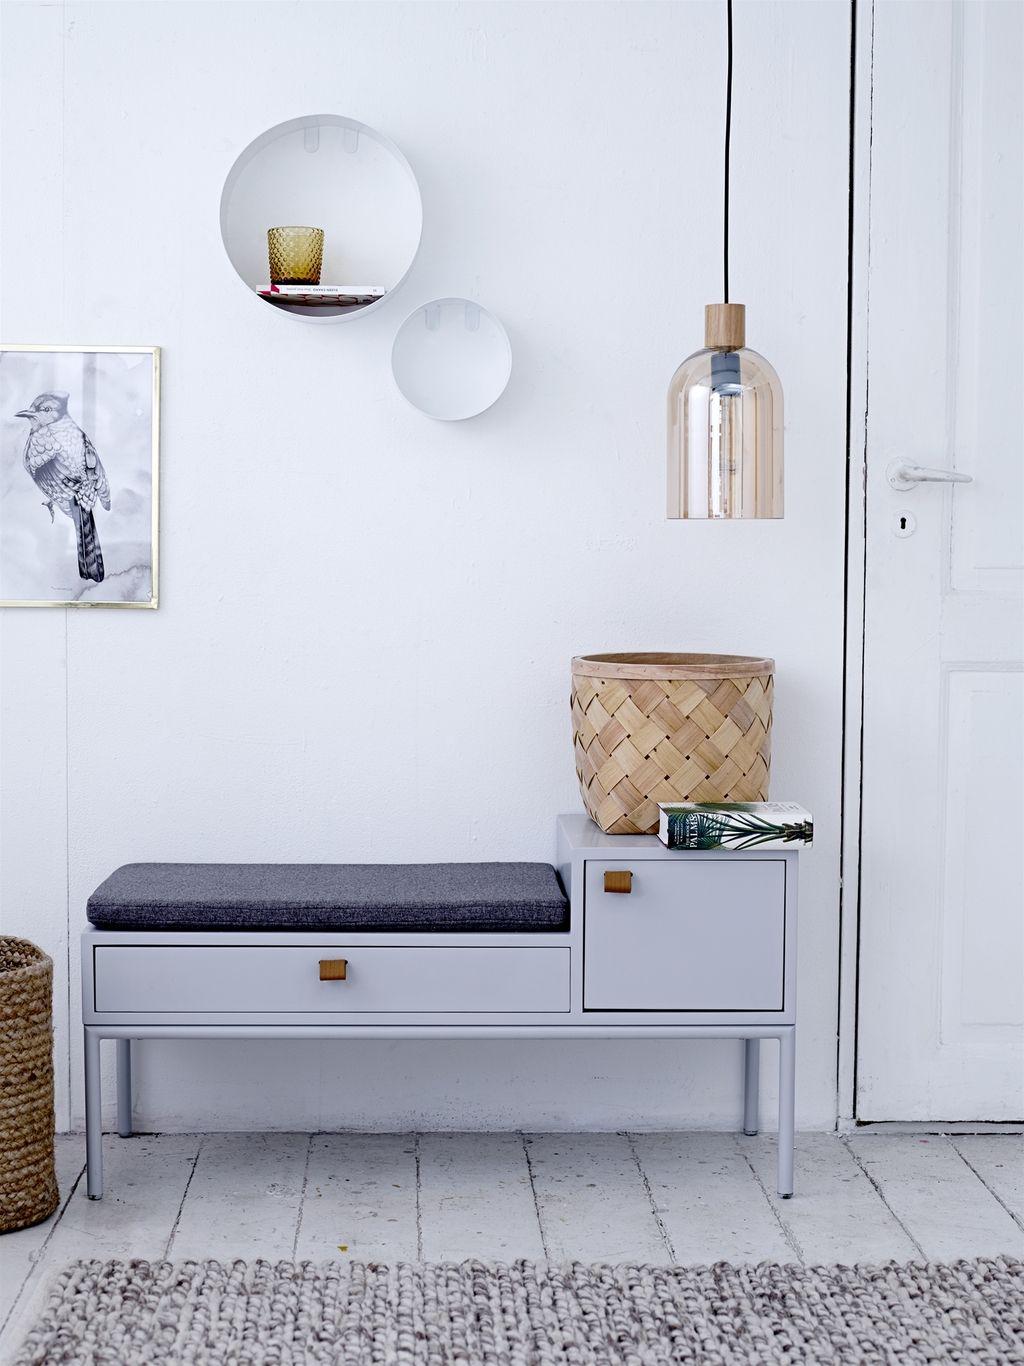 Банкетка в прихожую с сиденьем: спинкой, полкой и другие варианты, фото дизайна